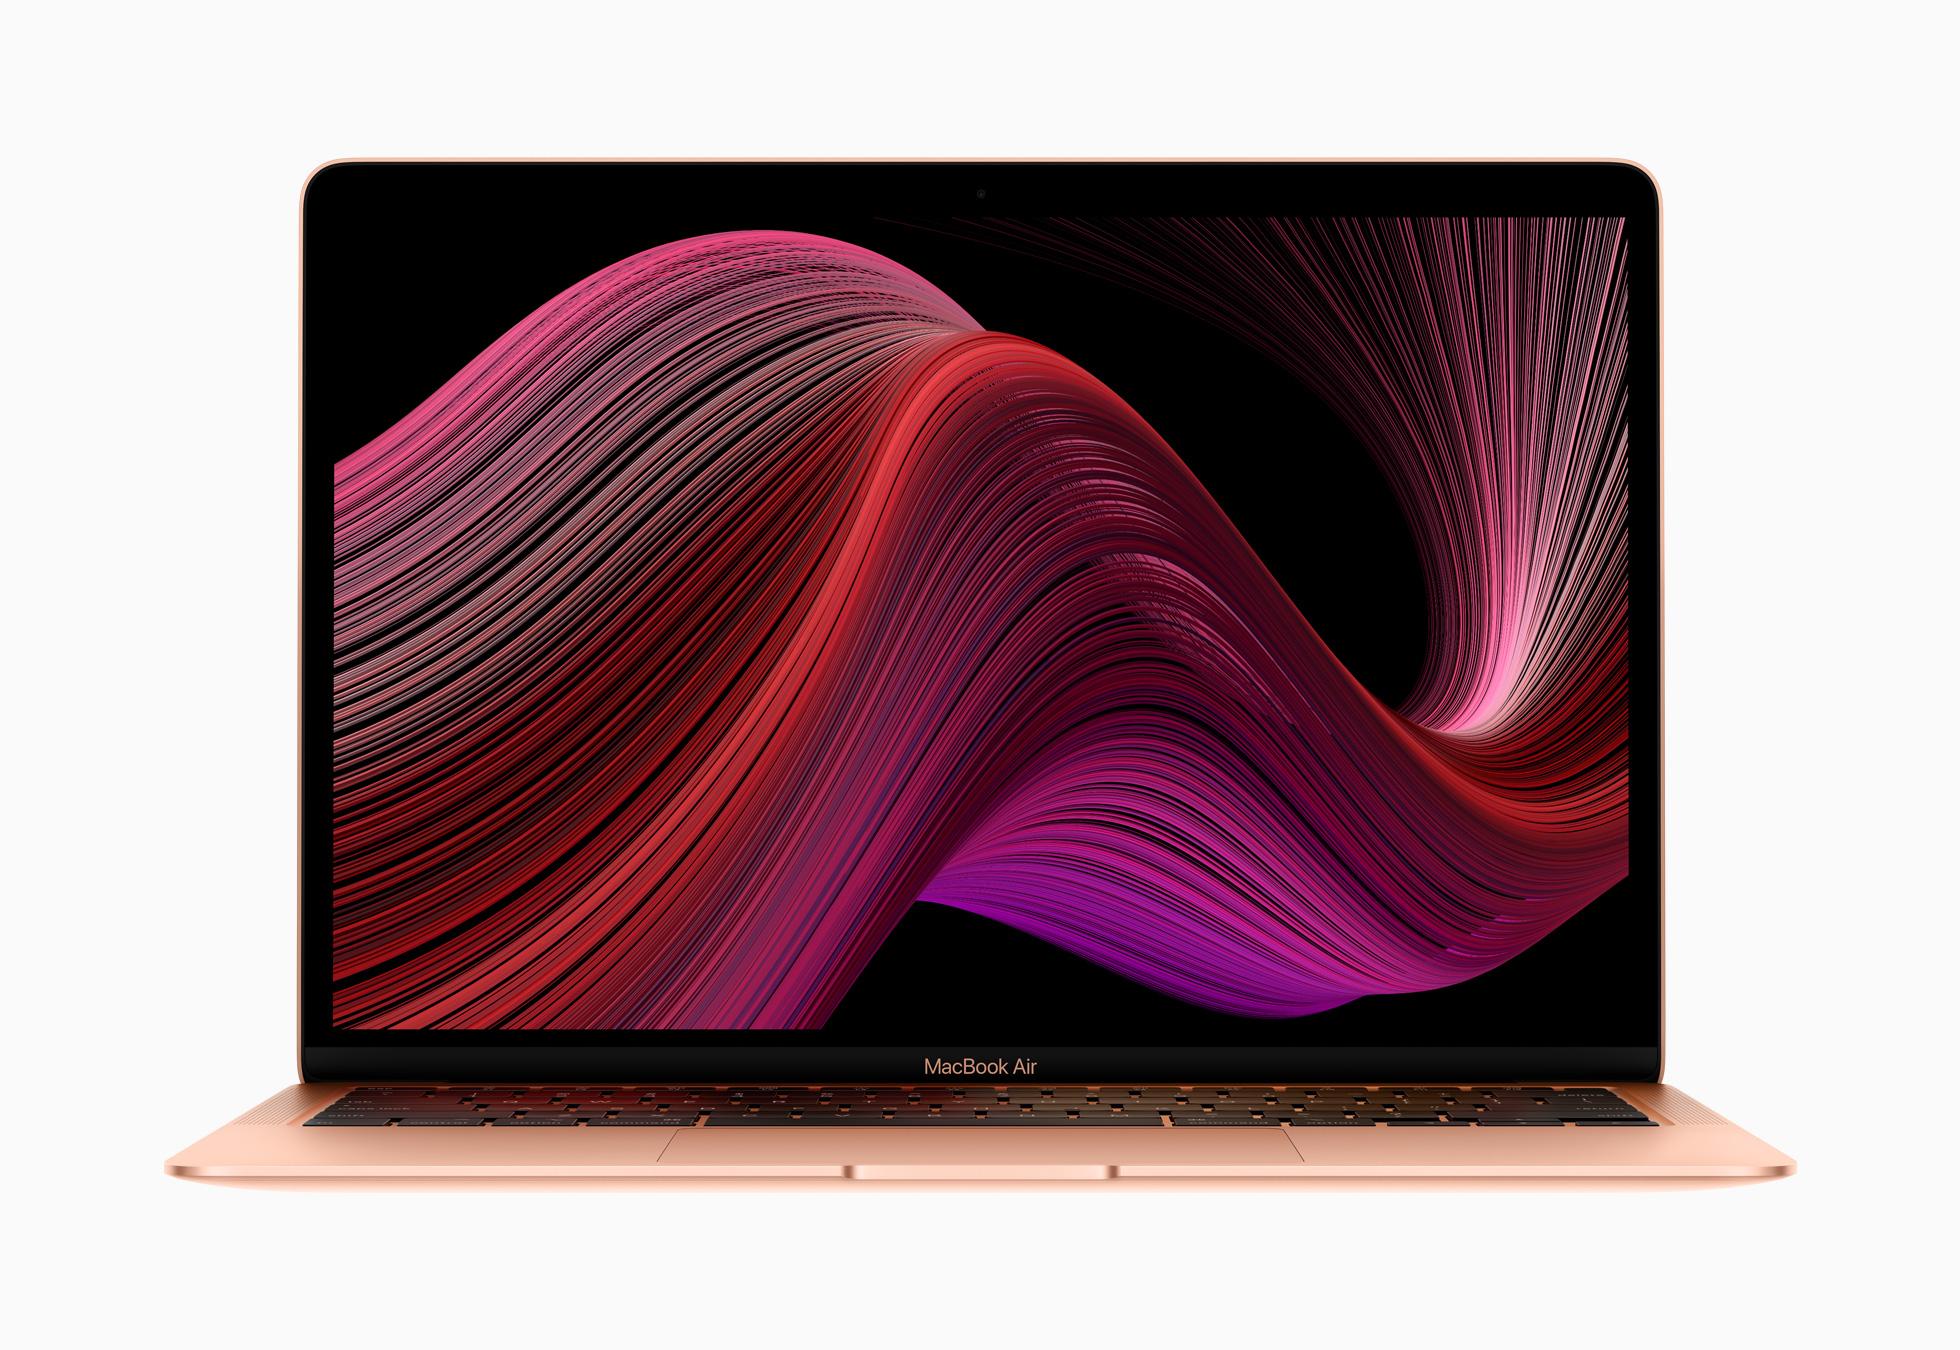 Apple new Macbook Air 2020 wallpaper screen